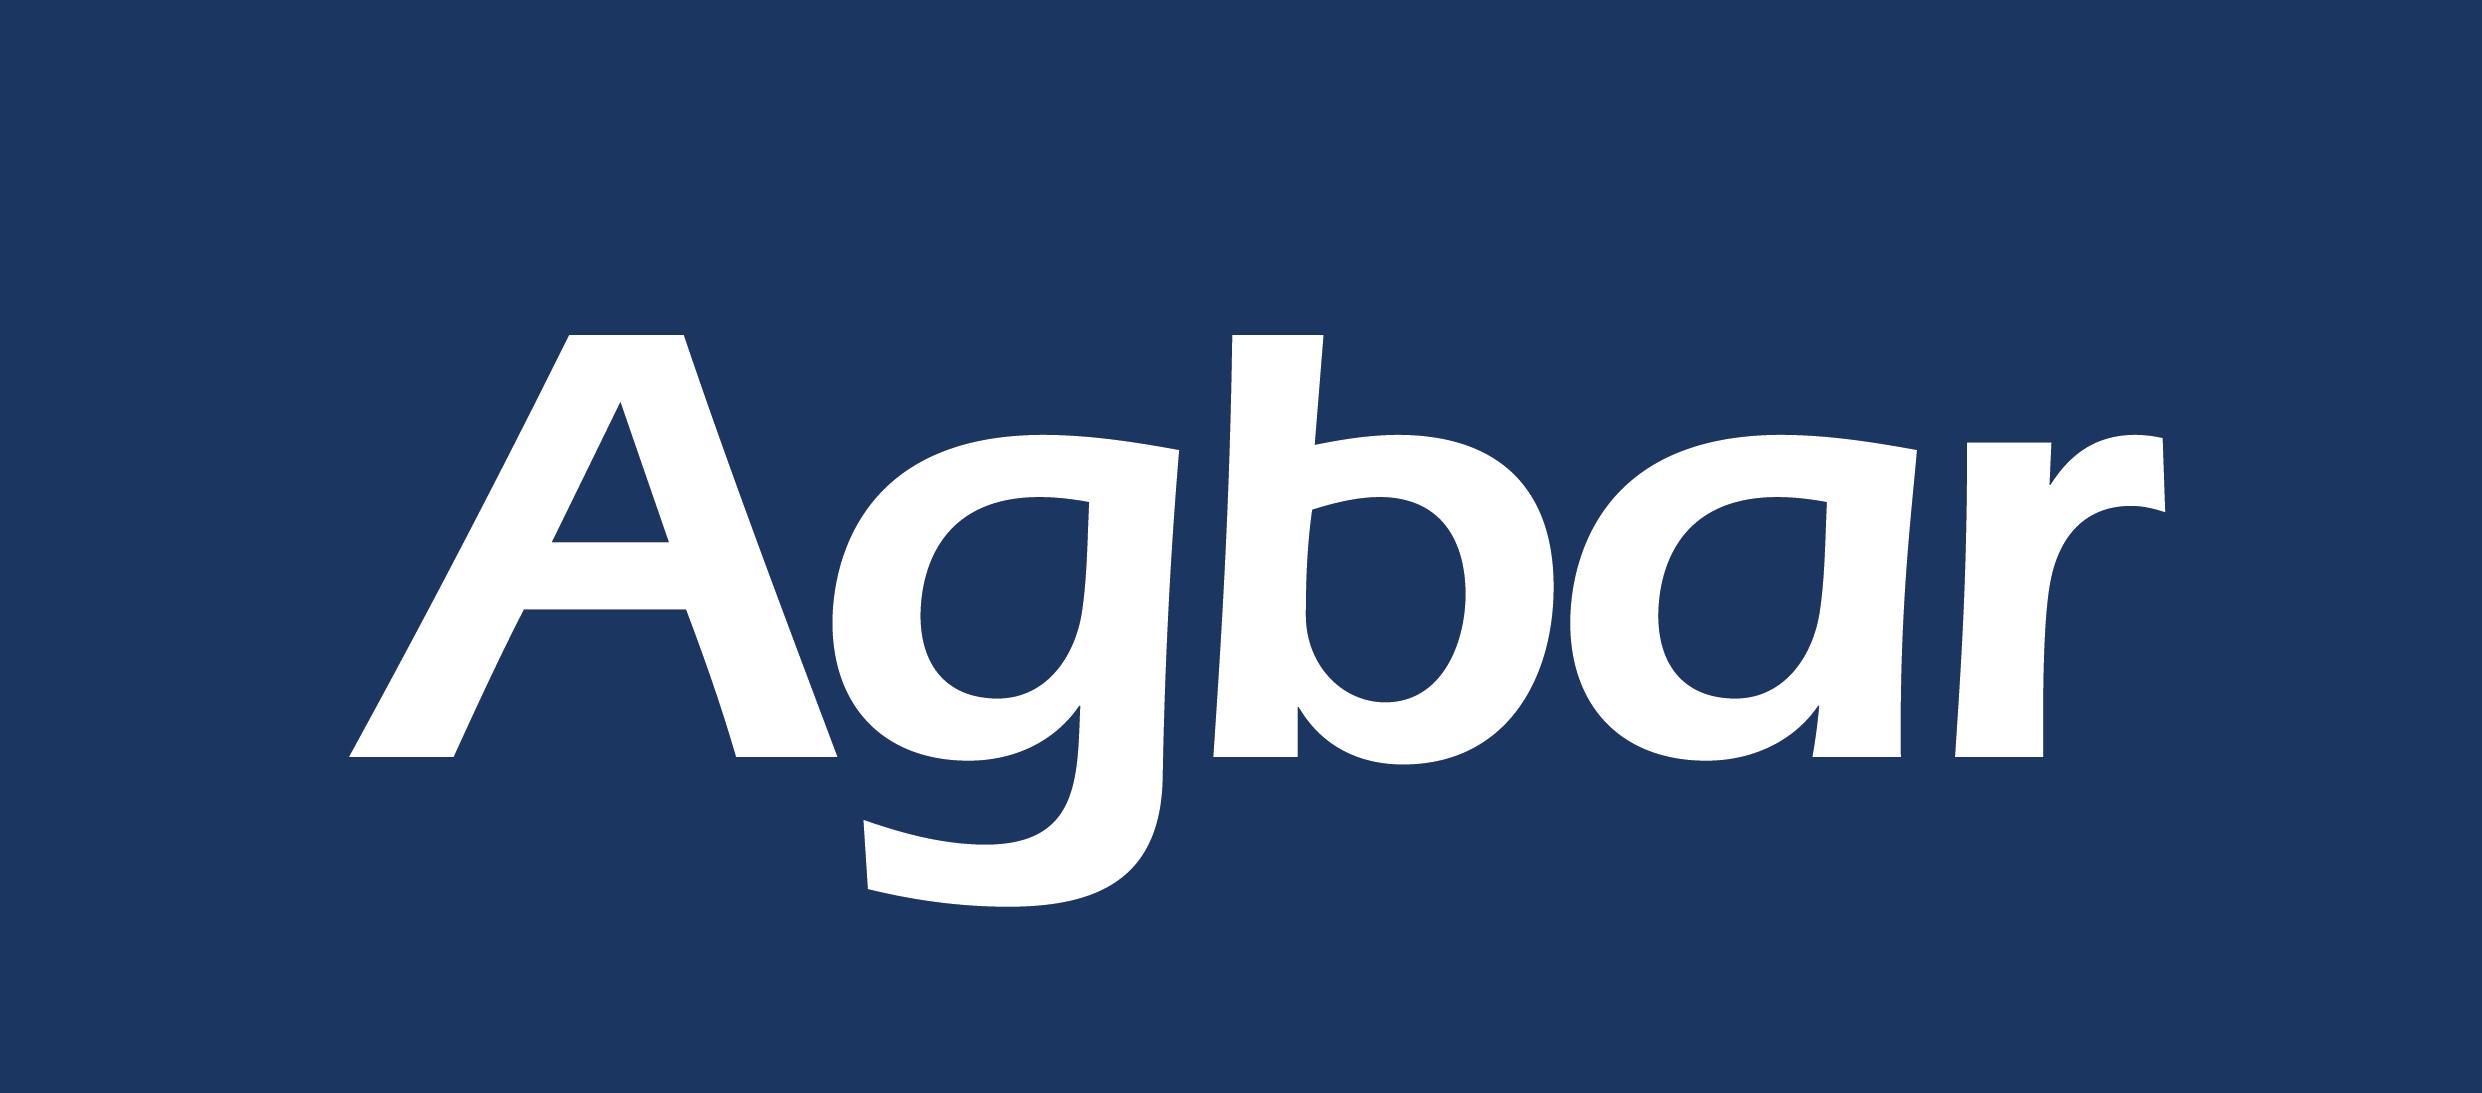 Agbar_clientes_Logo Agbar Clients